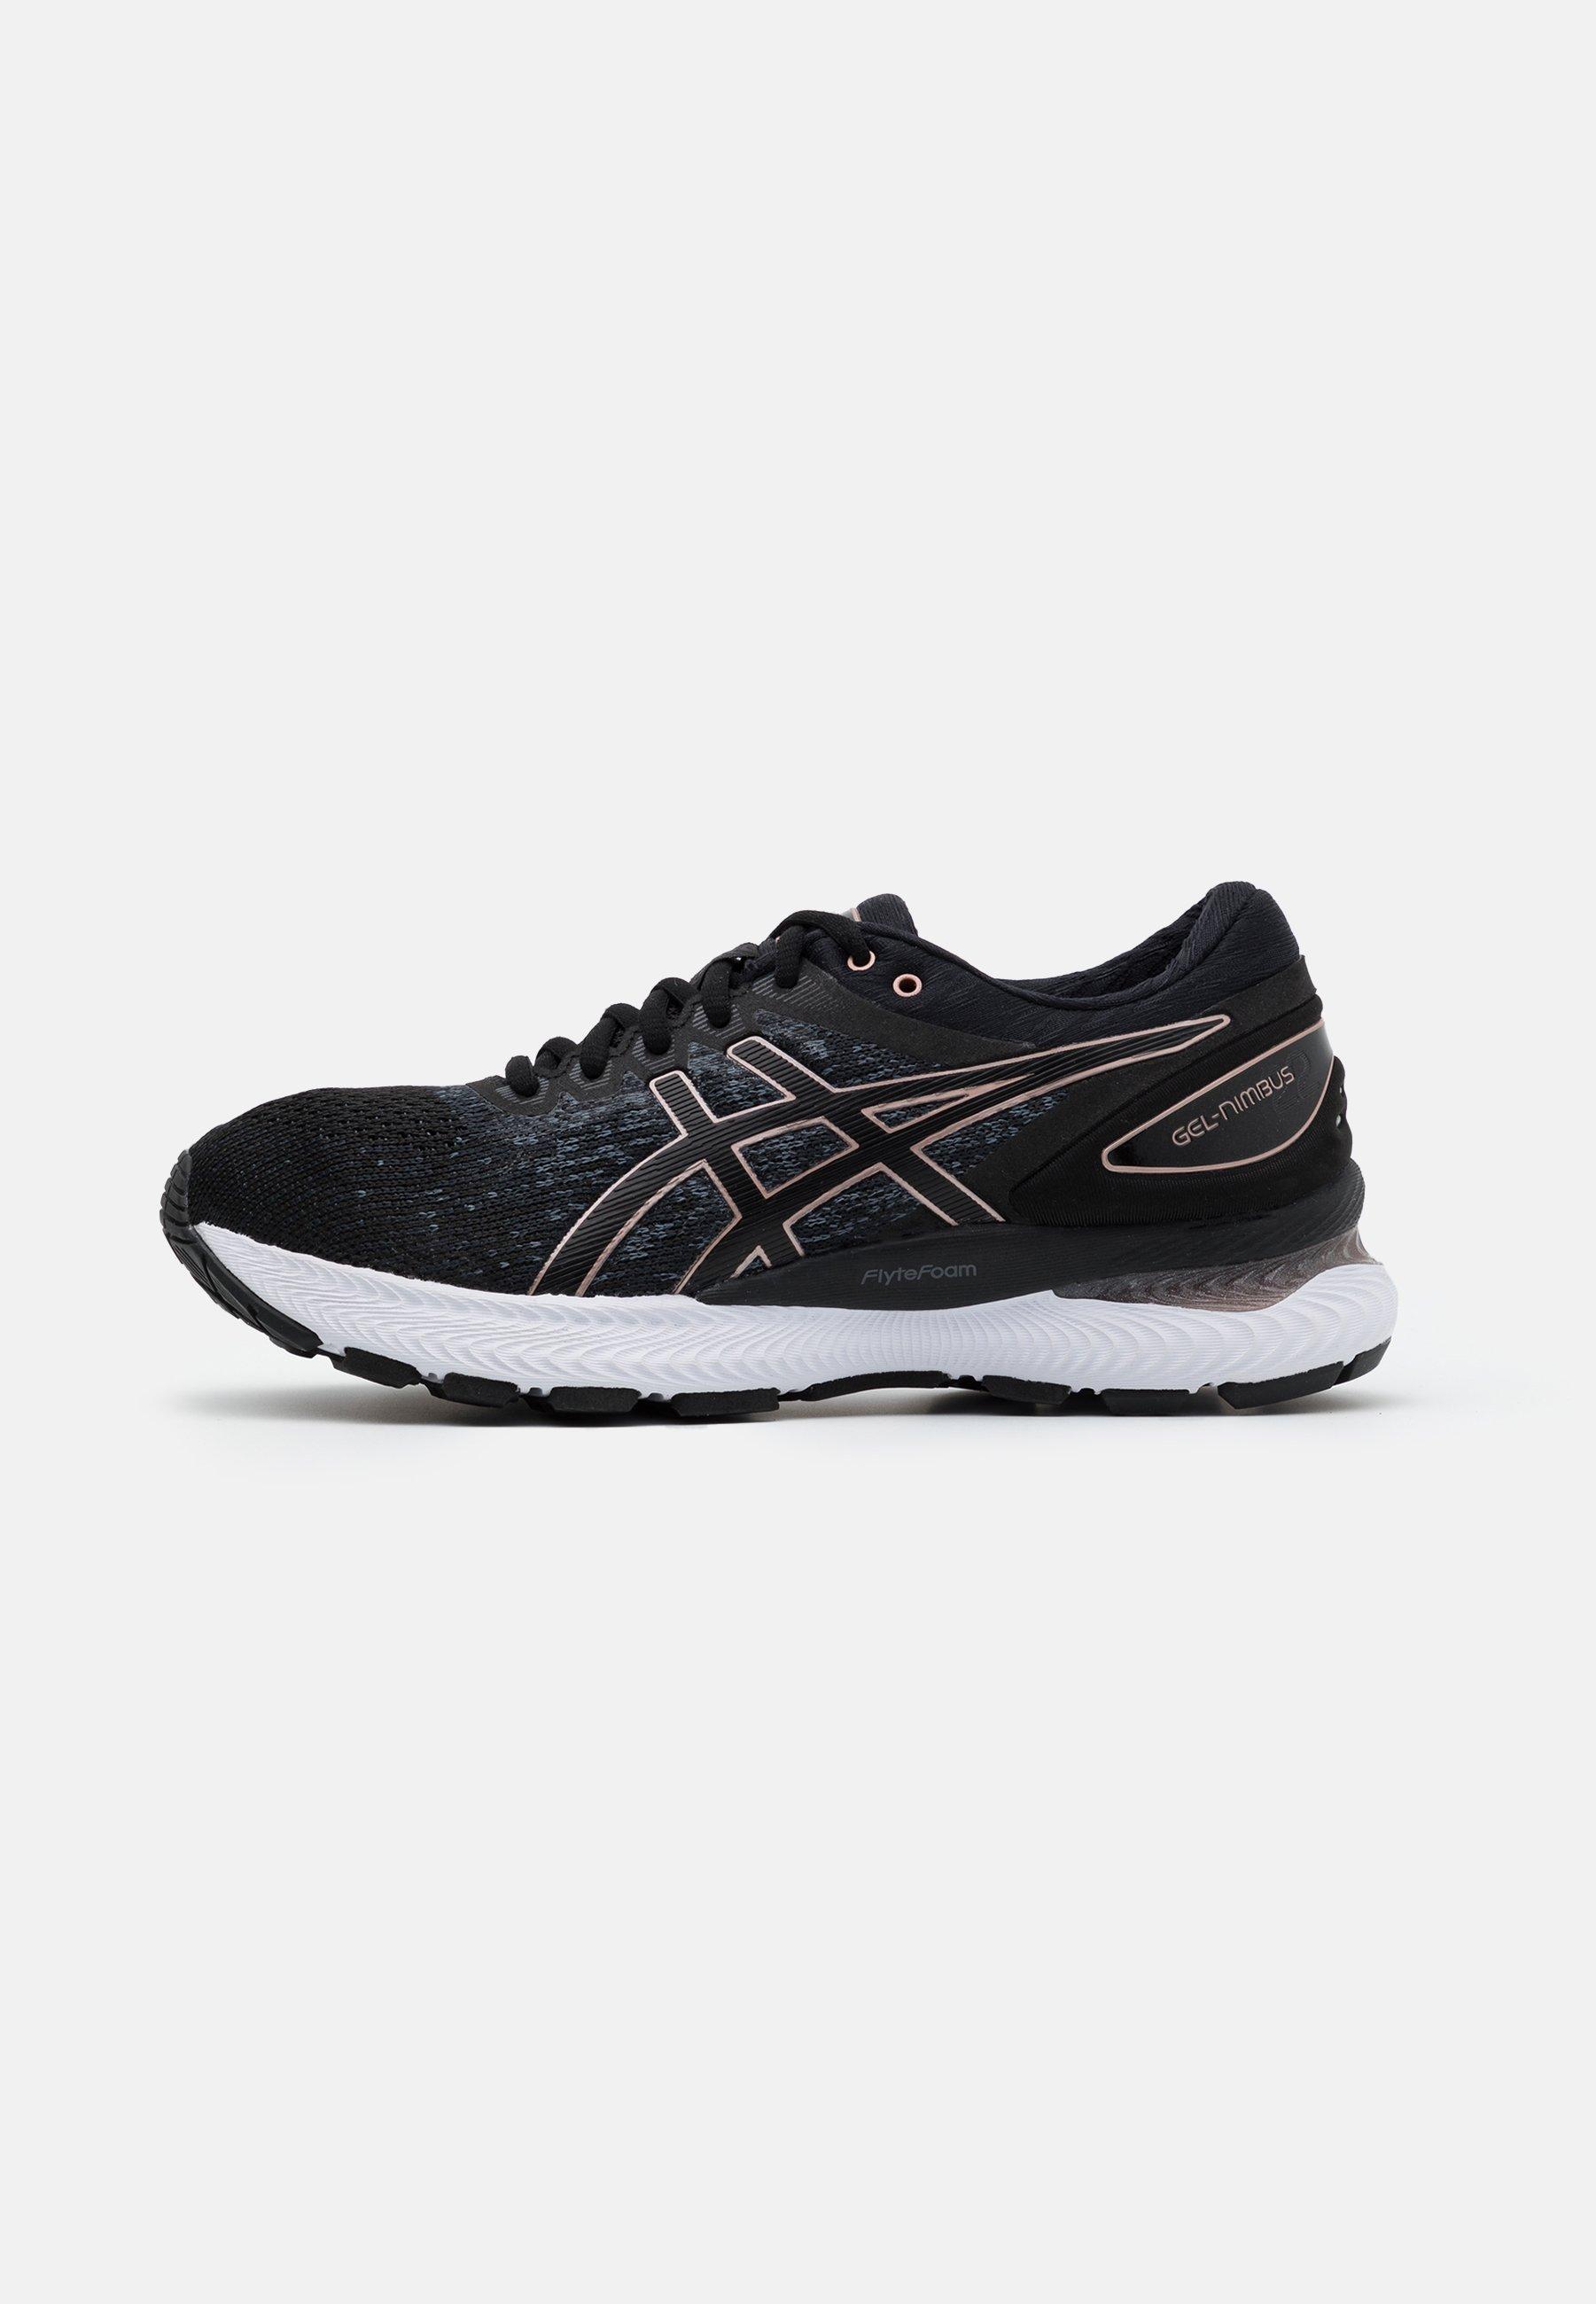 asics neutral running shoes womens uk dress